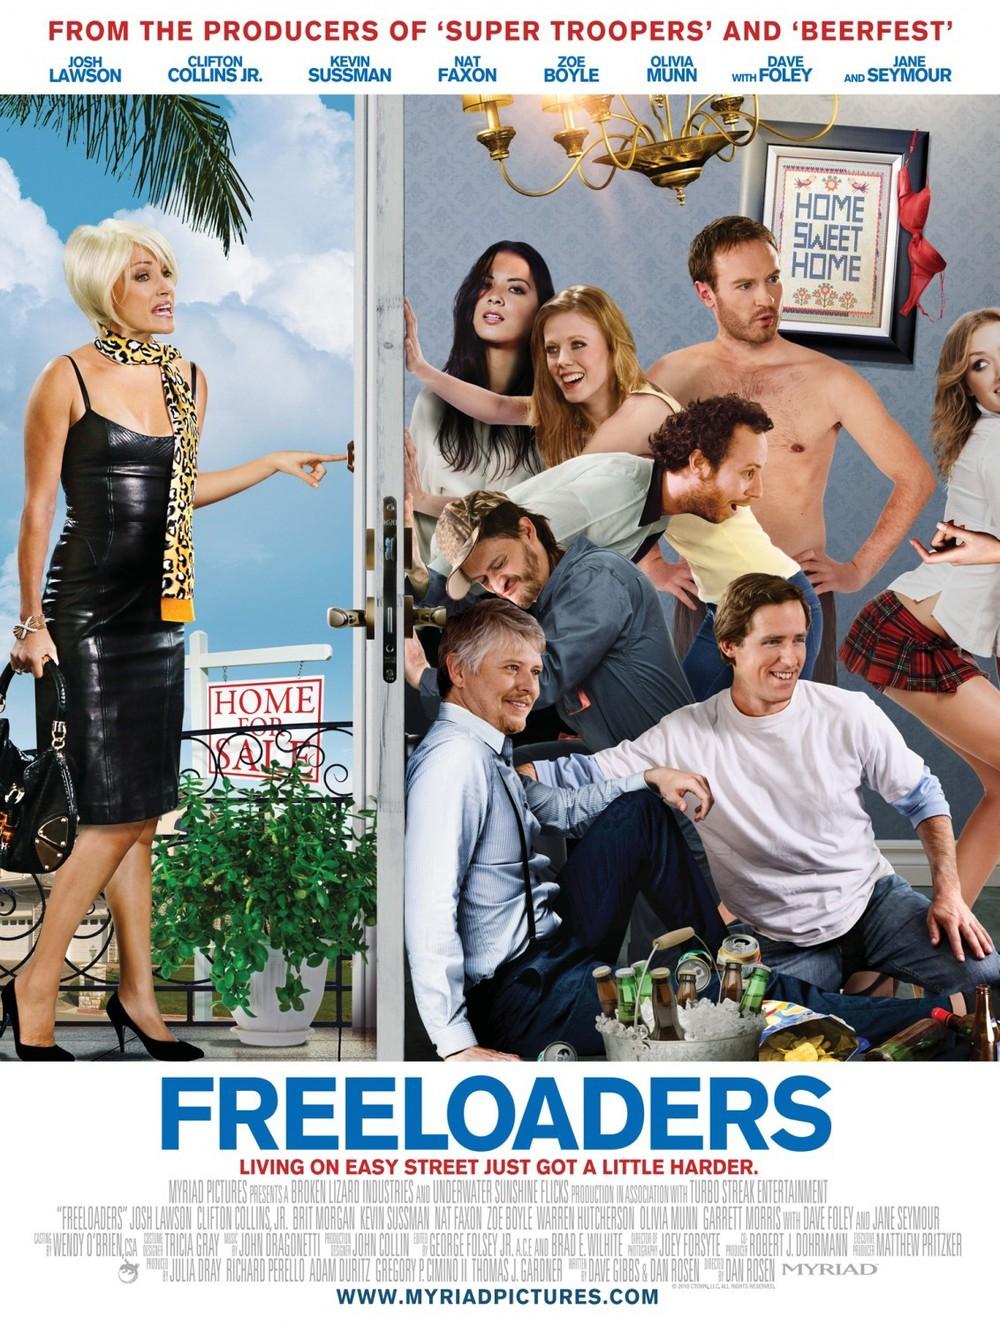 freeloaders-poster01.jpg